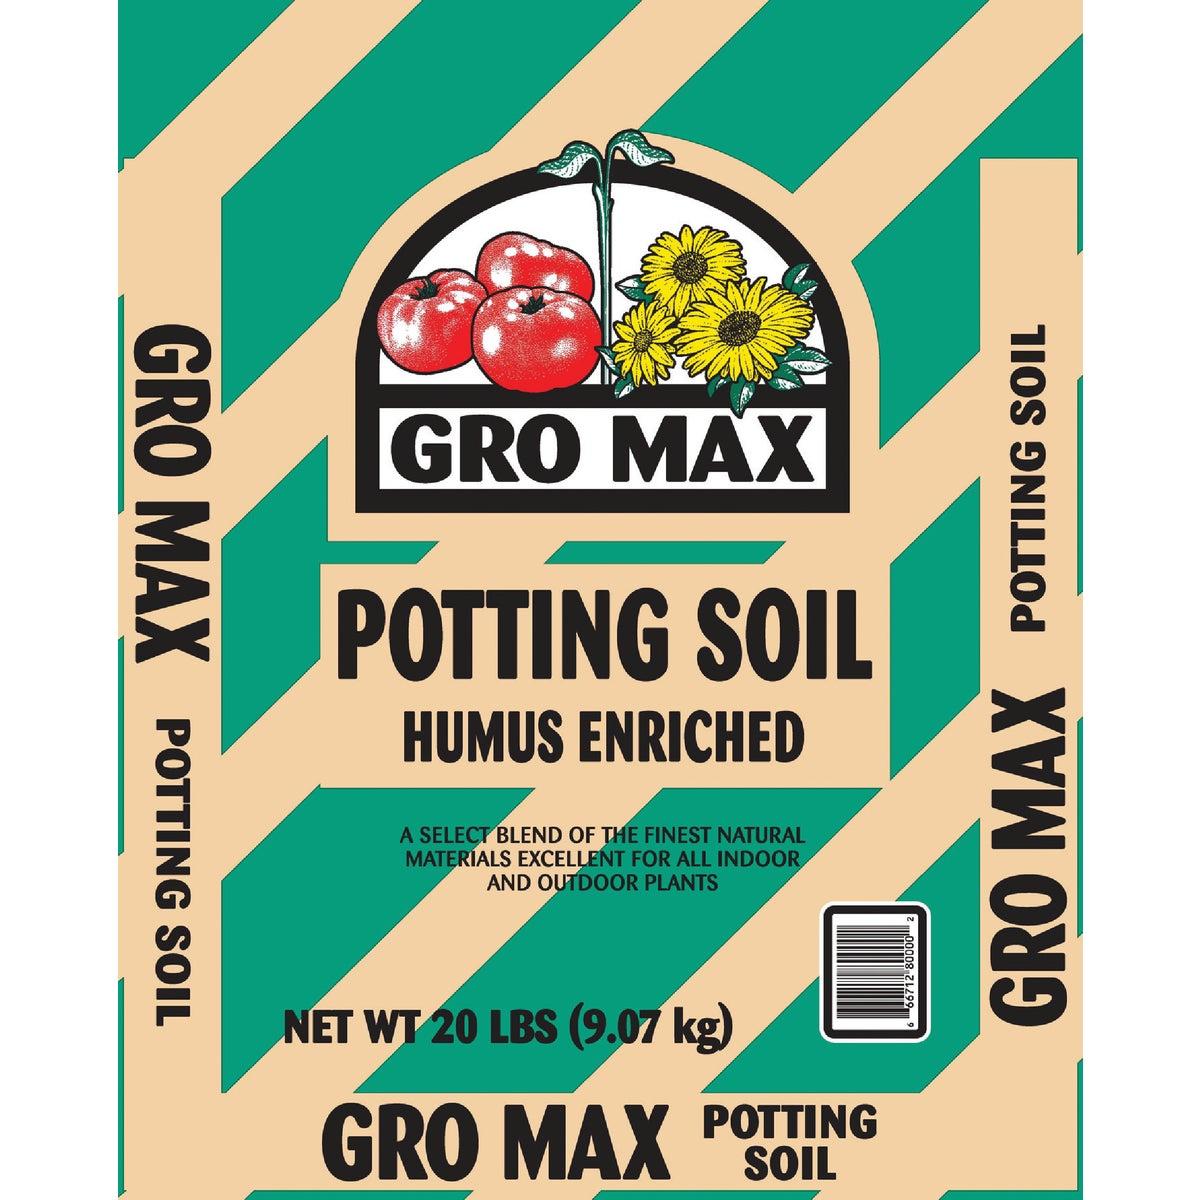 Scotts Organics 20LB POTTING SOIL 72420570